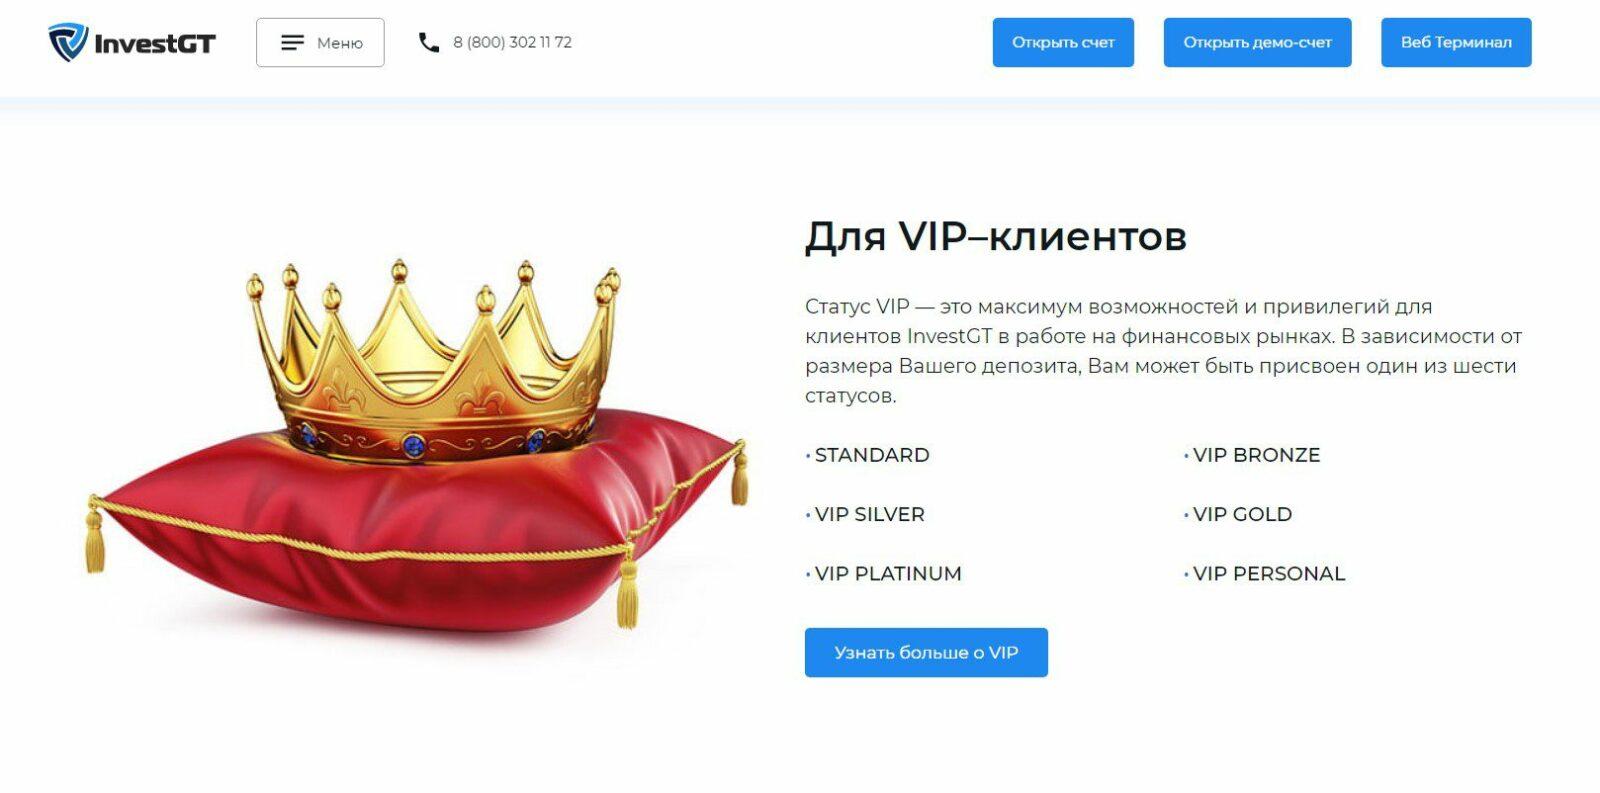 Для VIP клиентов InvestGT